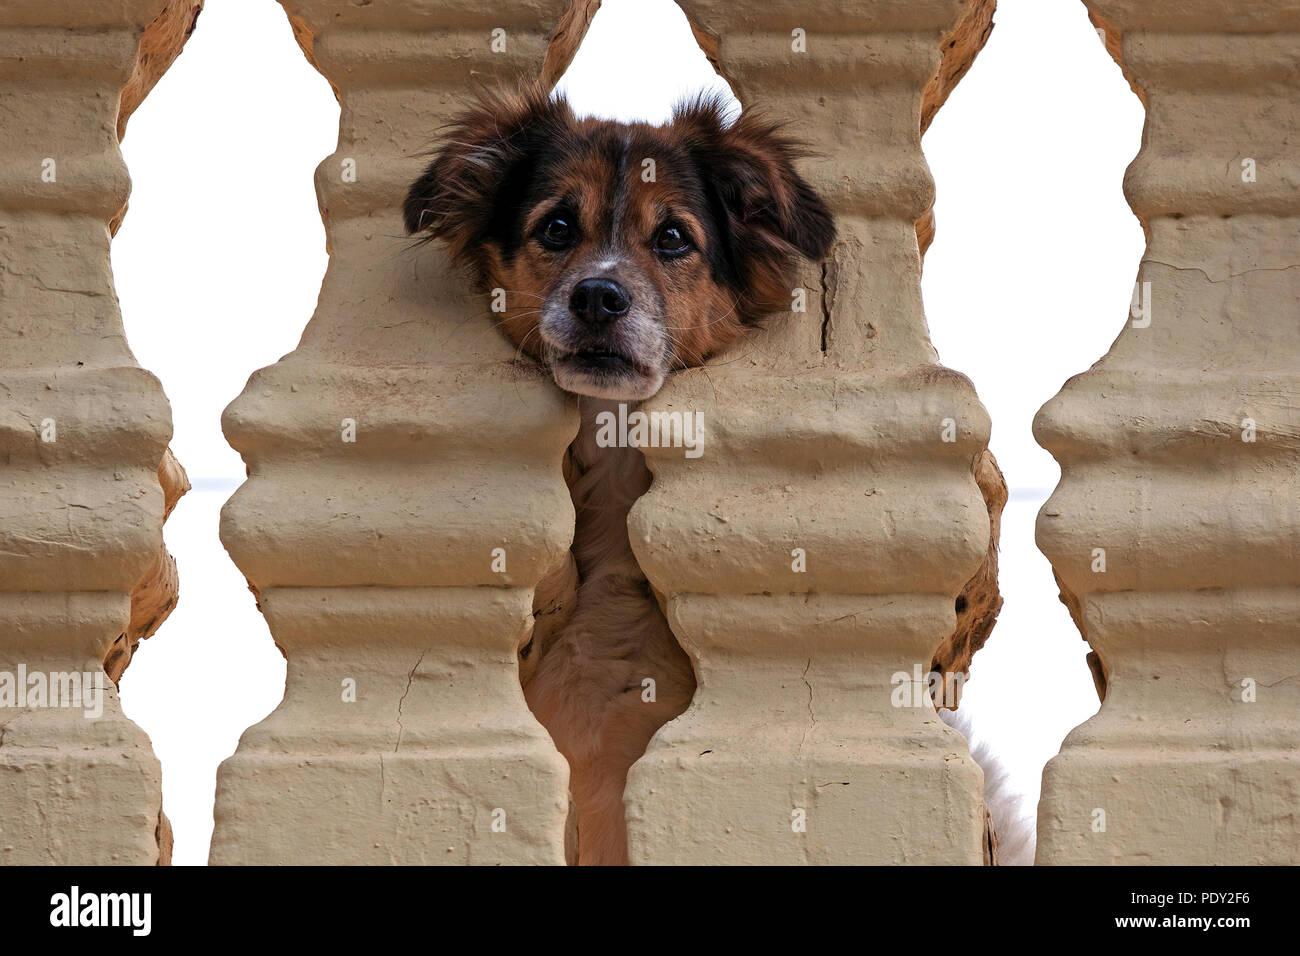 Kleiner Hund pokes Kopf durch die Balustrade, Agüimes, Gran Canaria, Kanarische Inseln, Spanien Stockbild